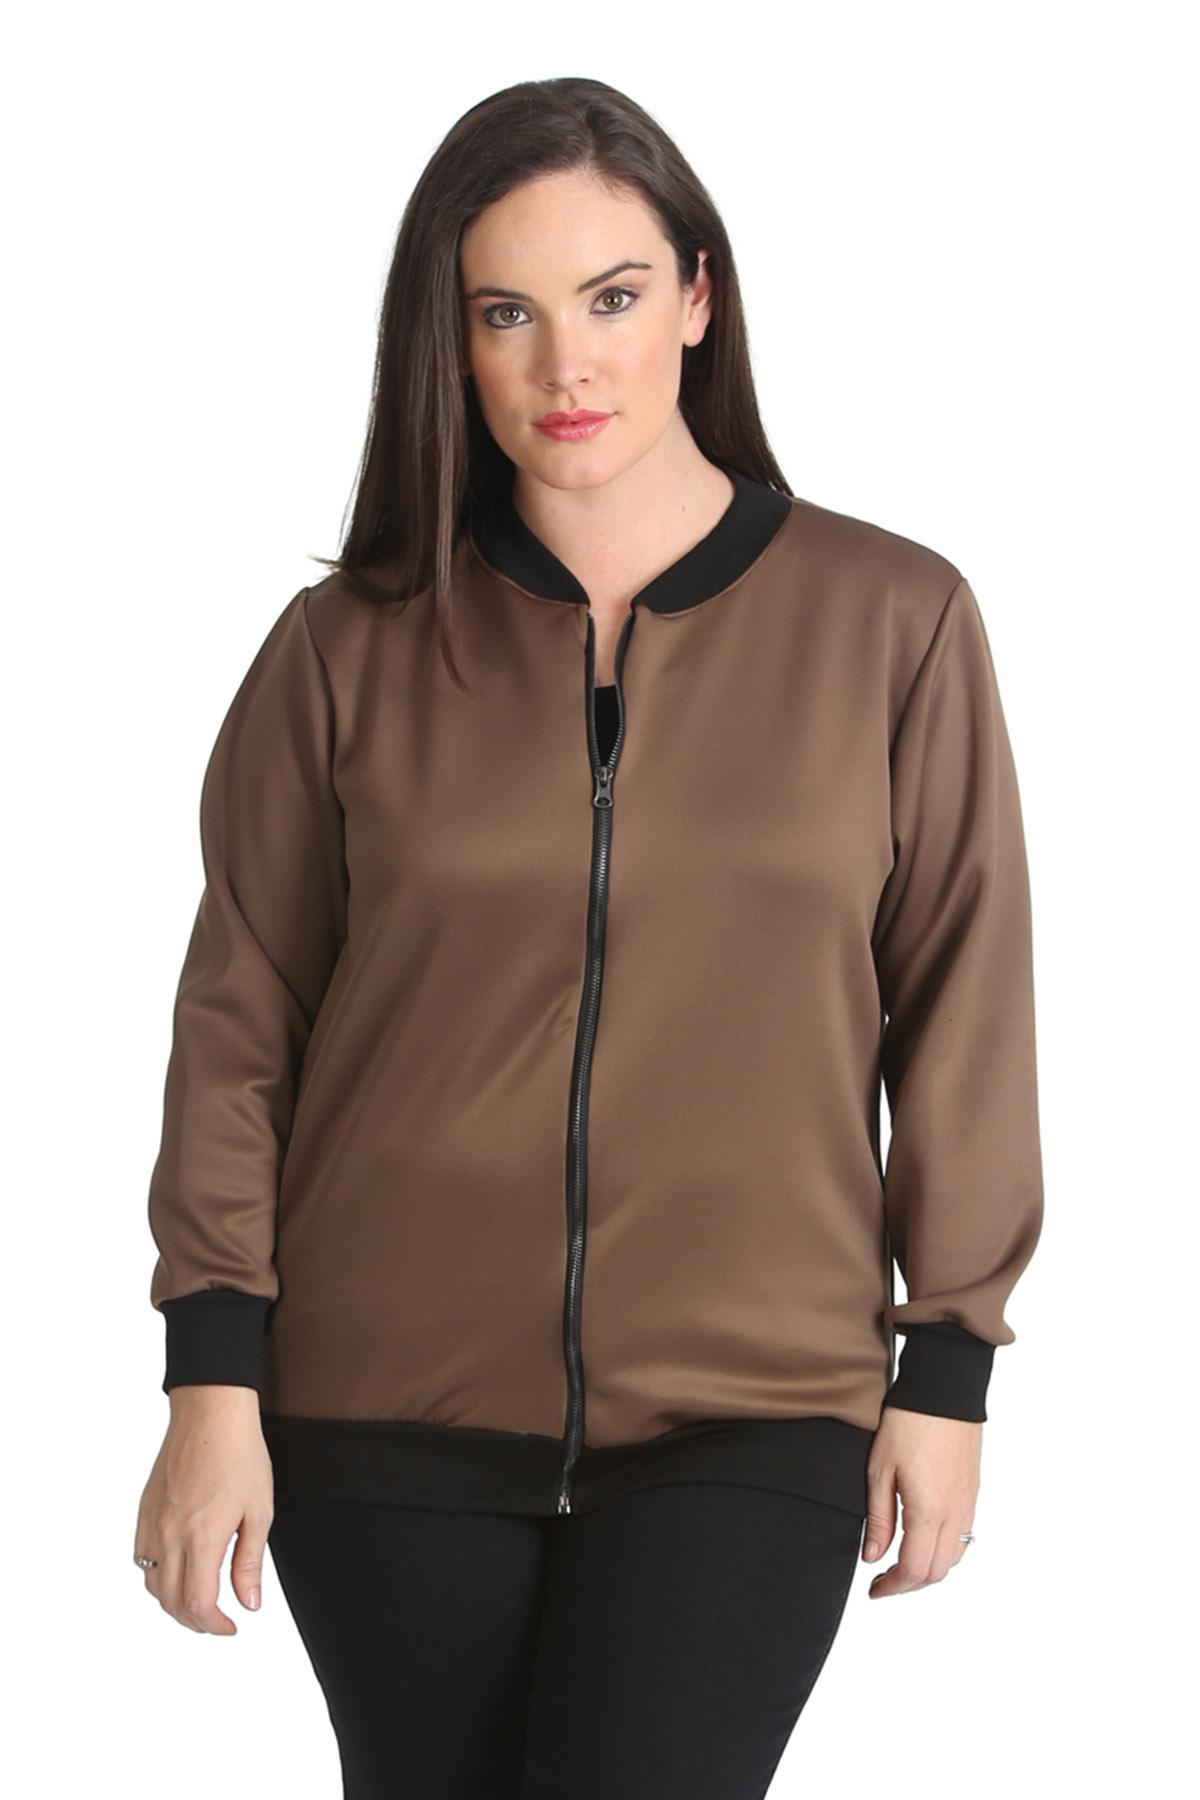 New Ladies Bomber Jacket Womens Plus Size Ribbed Varsity Style ...